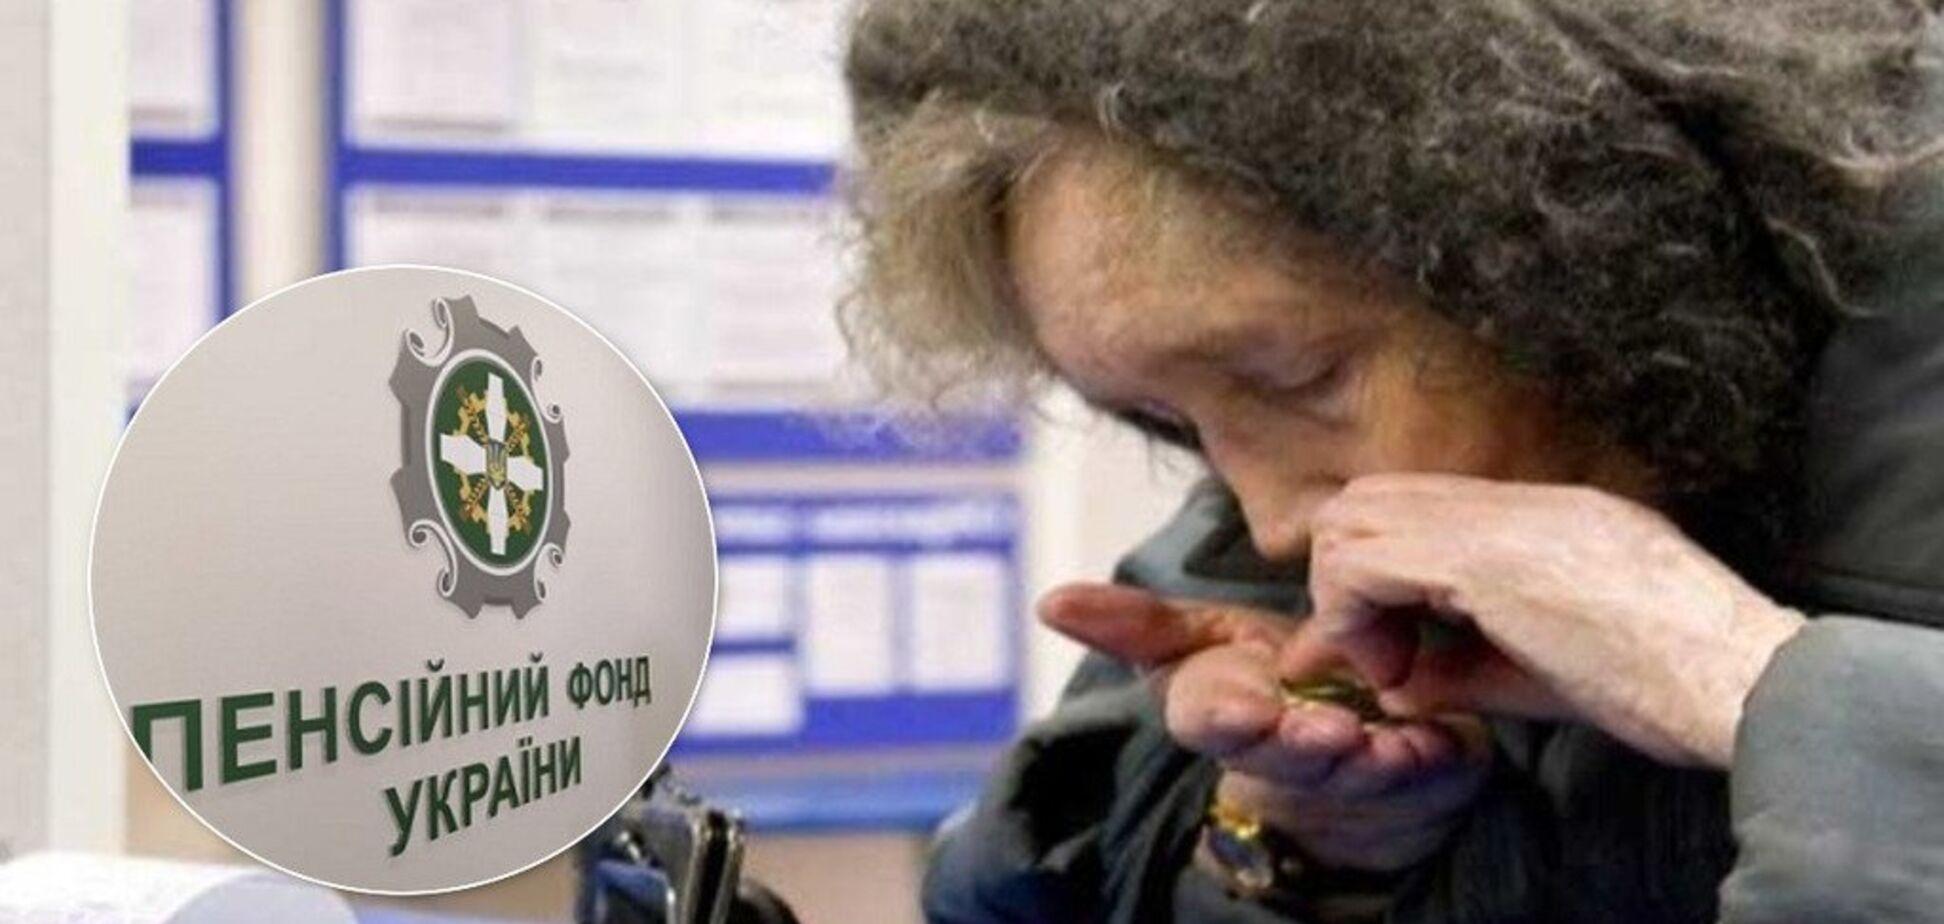 Часть украинцев останется без пенсии, а требования ужесточат: новшества 2020-го